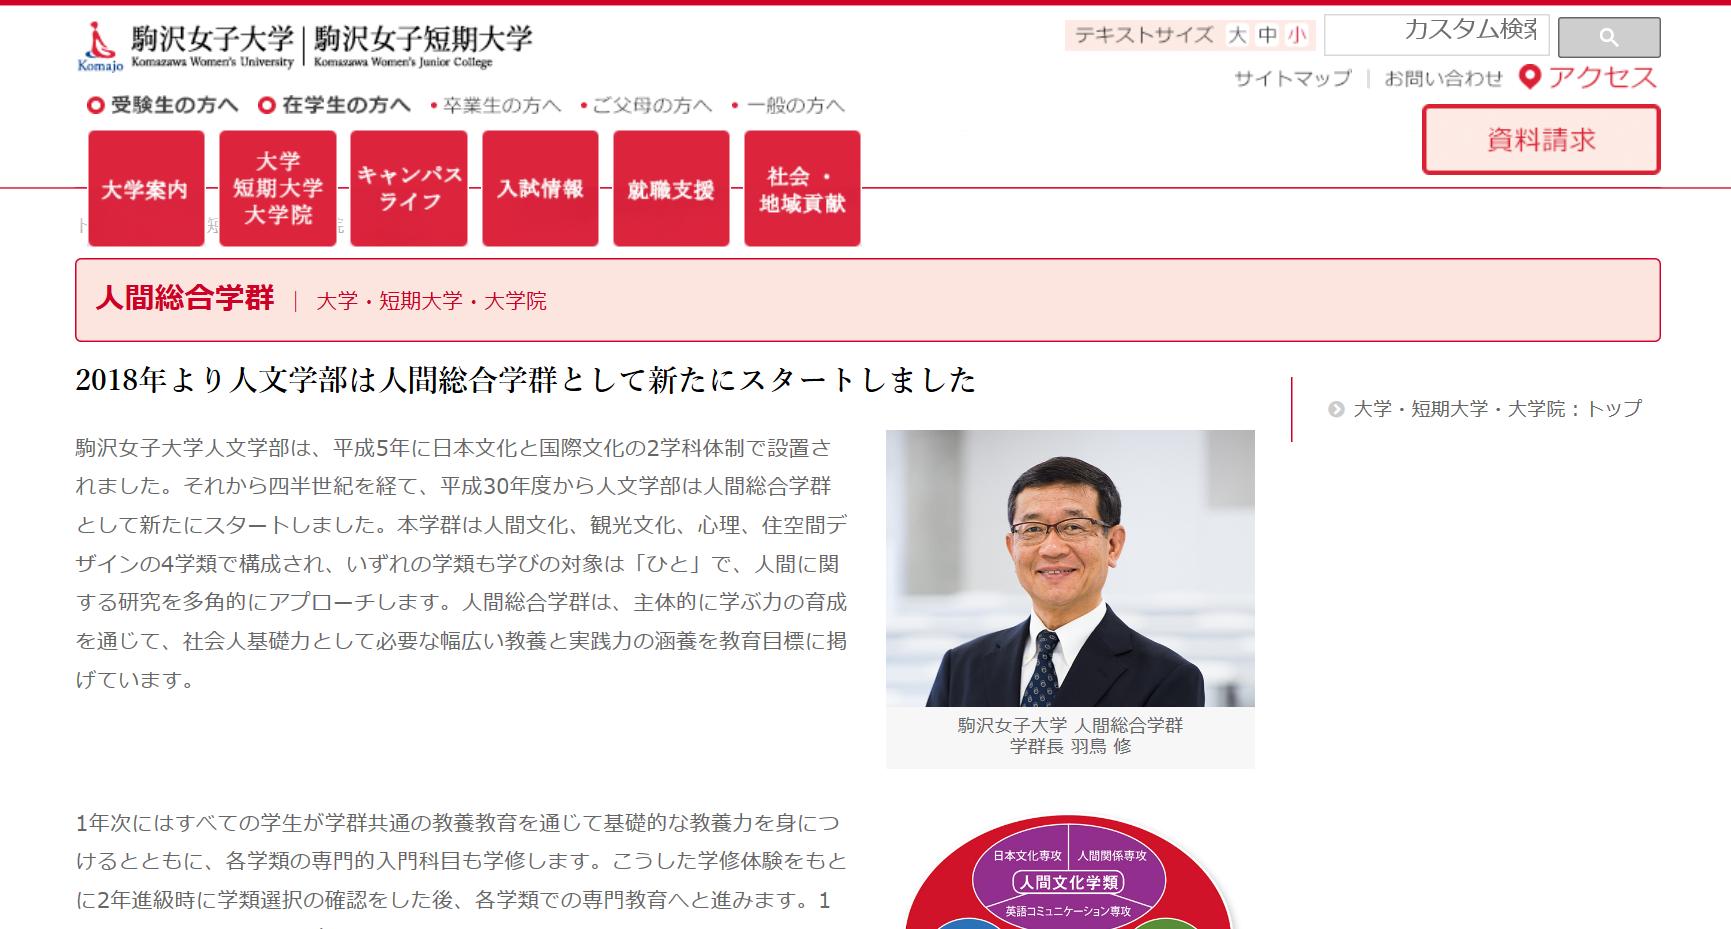 駒沢女子大学の評判・口コミ【人間総合学群編】